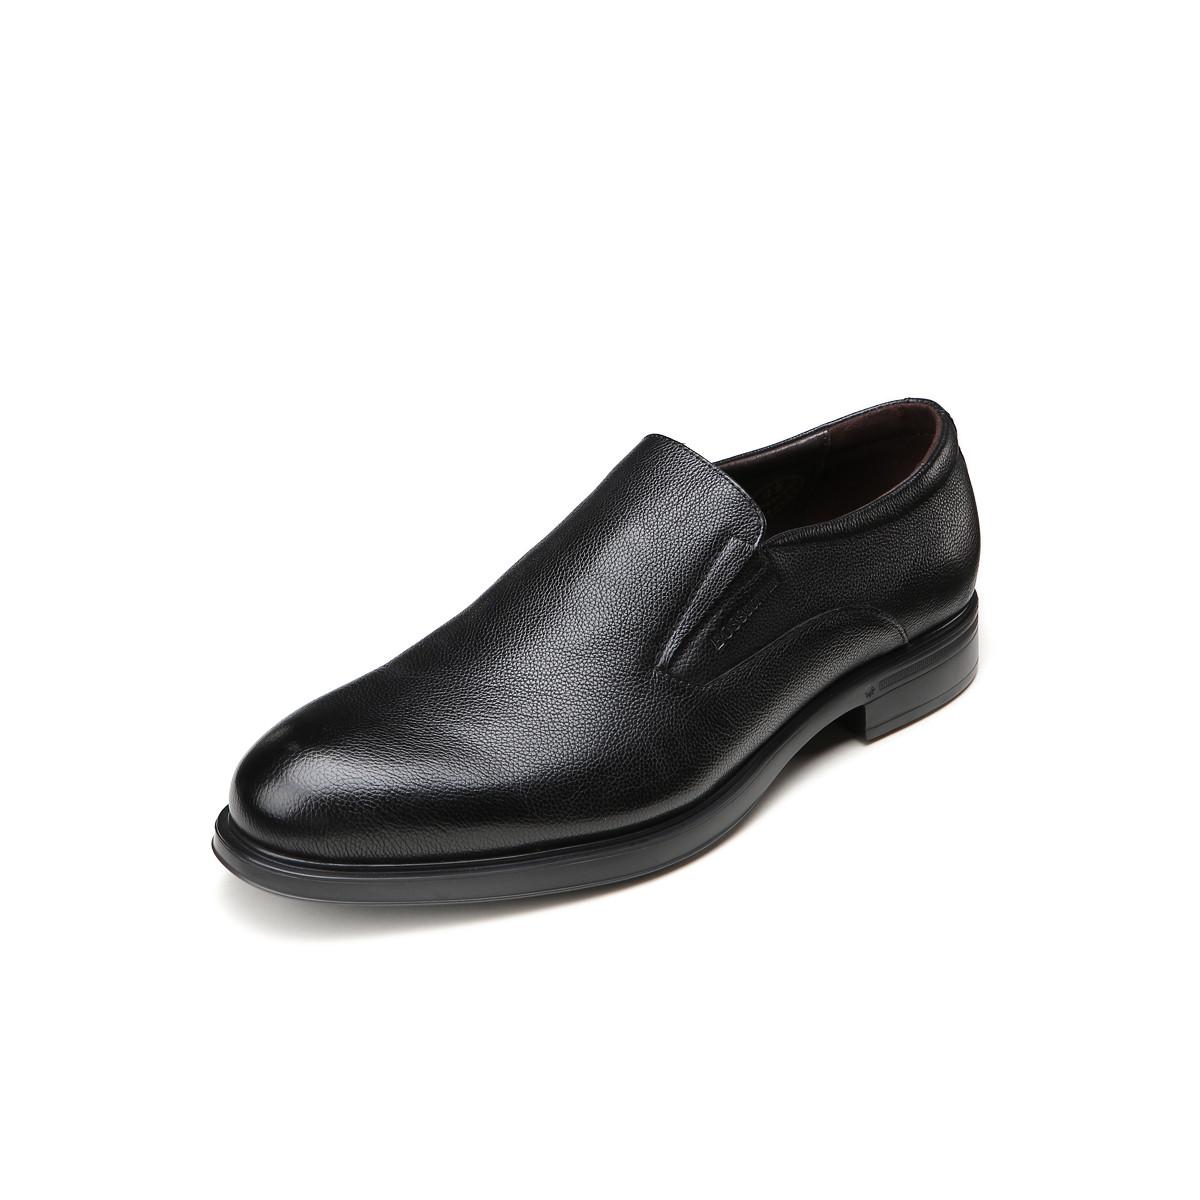 BOSSSUNWEN牛皮超轻一脚蹬皮鞋男士商务皮鞋男皮鞋男鞋男士皮鞋男鞋Q68DB7008A